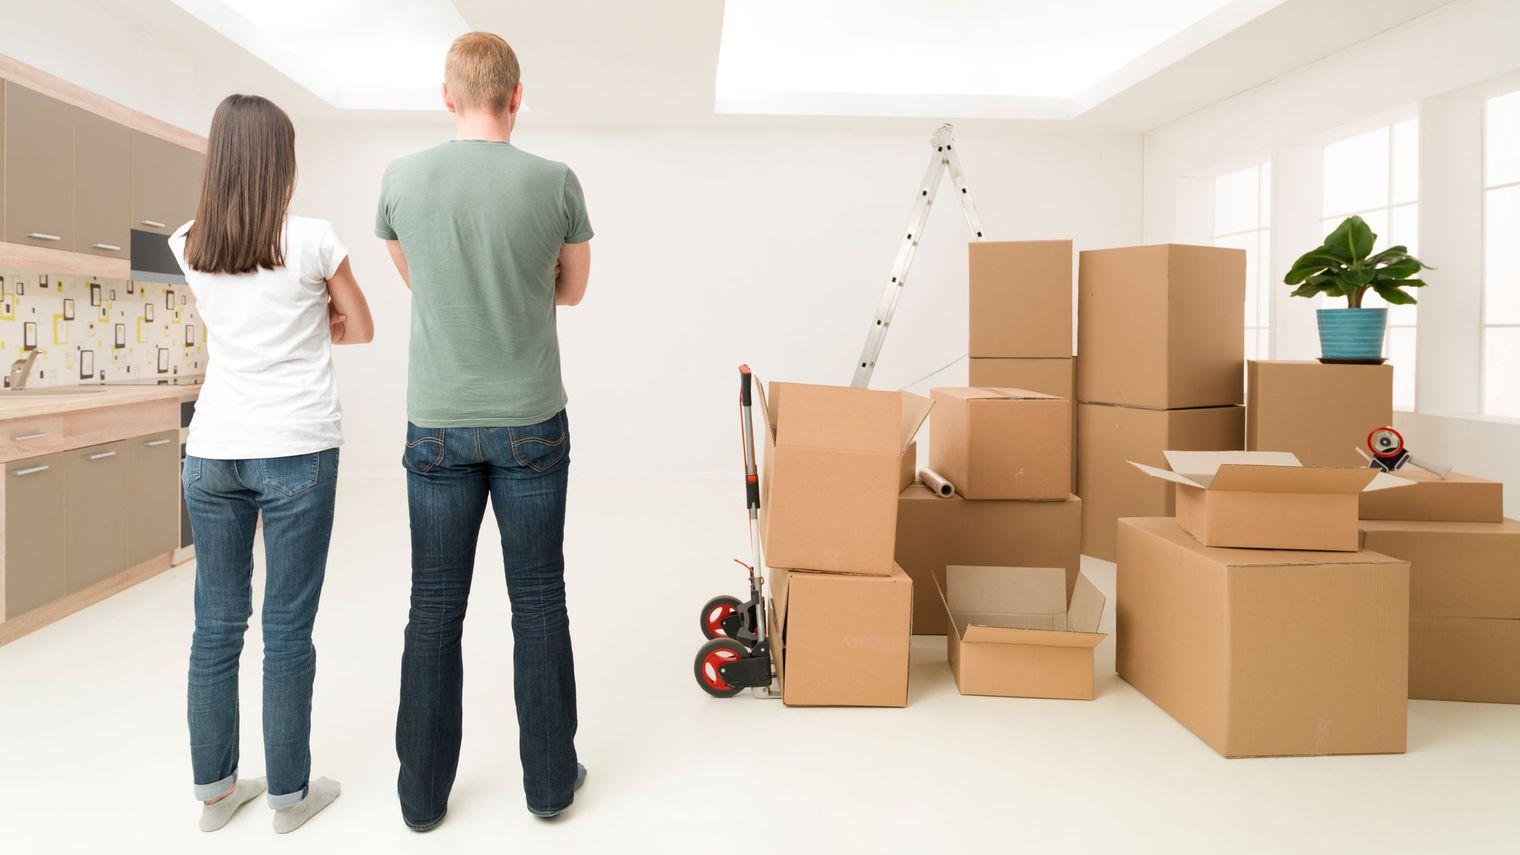 louer meubl ou vide soyez s rs de ne pas vous tromper. Black Bedroom Furniture Sets. Home Design Ideas